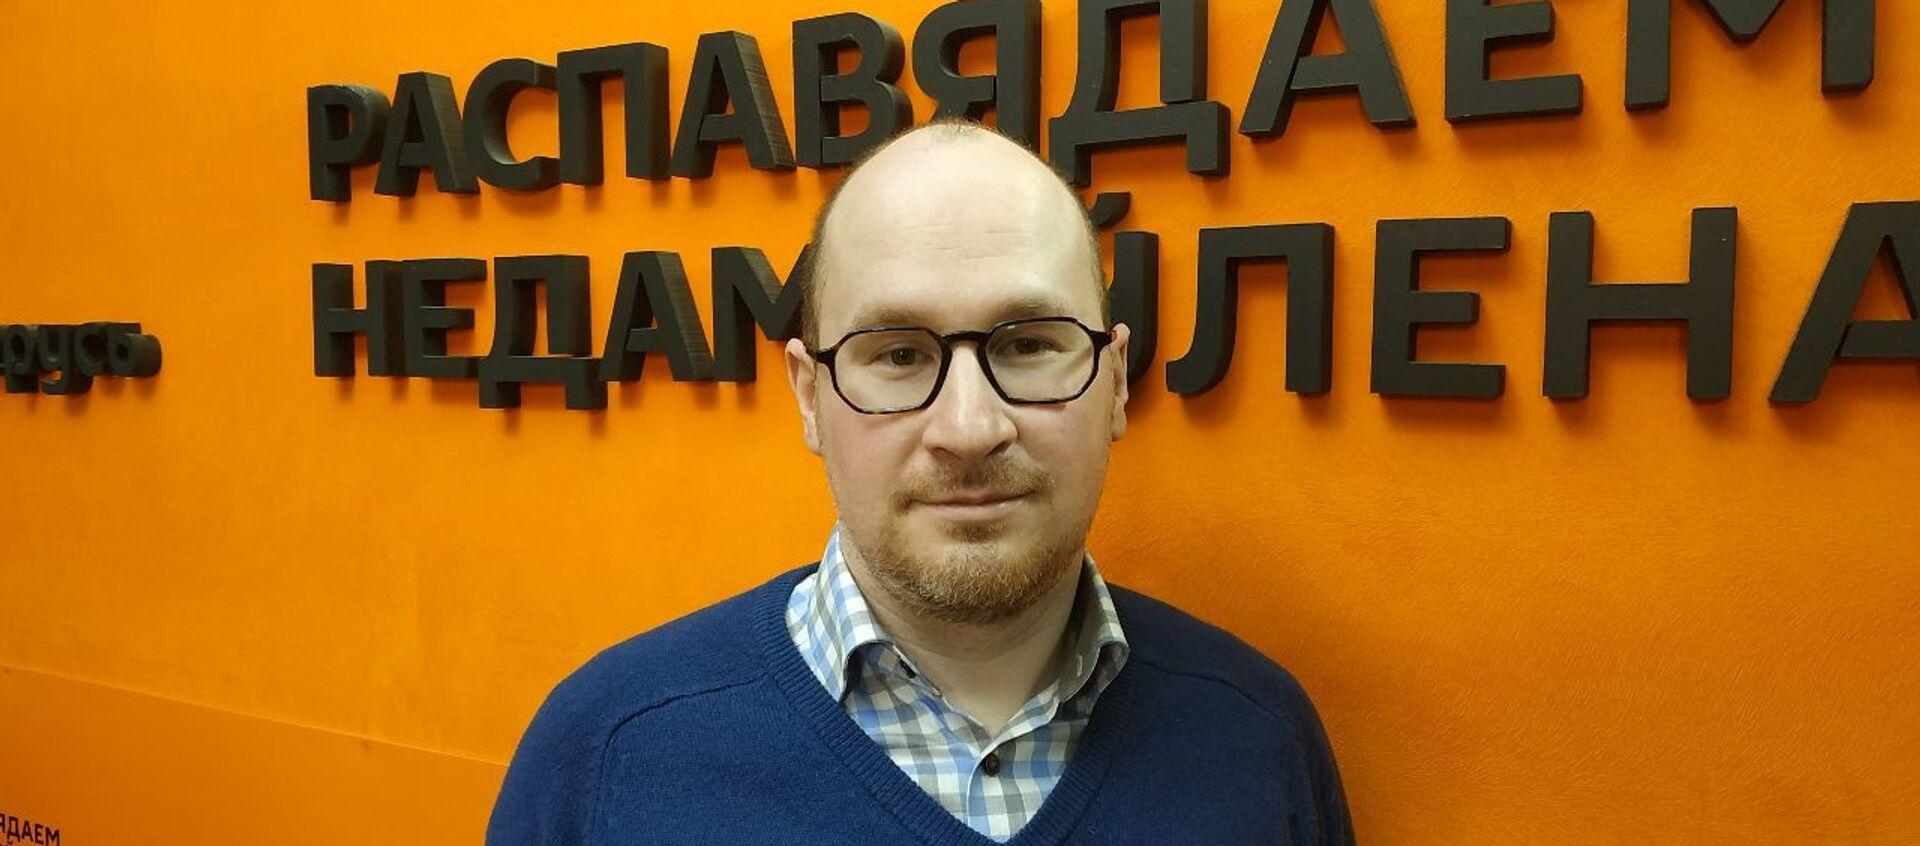 Доцент БГУ: в Беларуси сформировались две параллельные политические реальности - Sputnik Беларусь, 1920, 23.02.2021